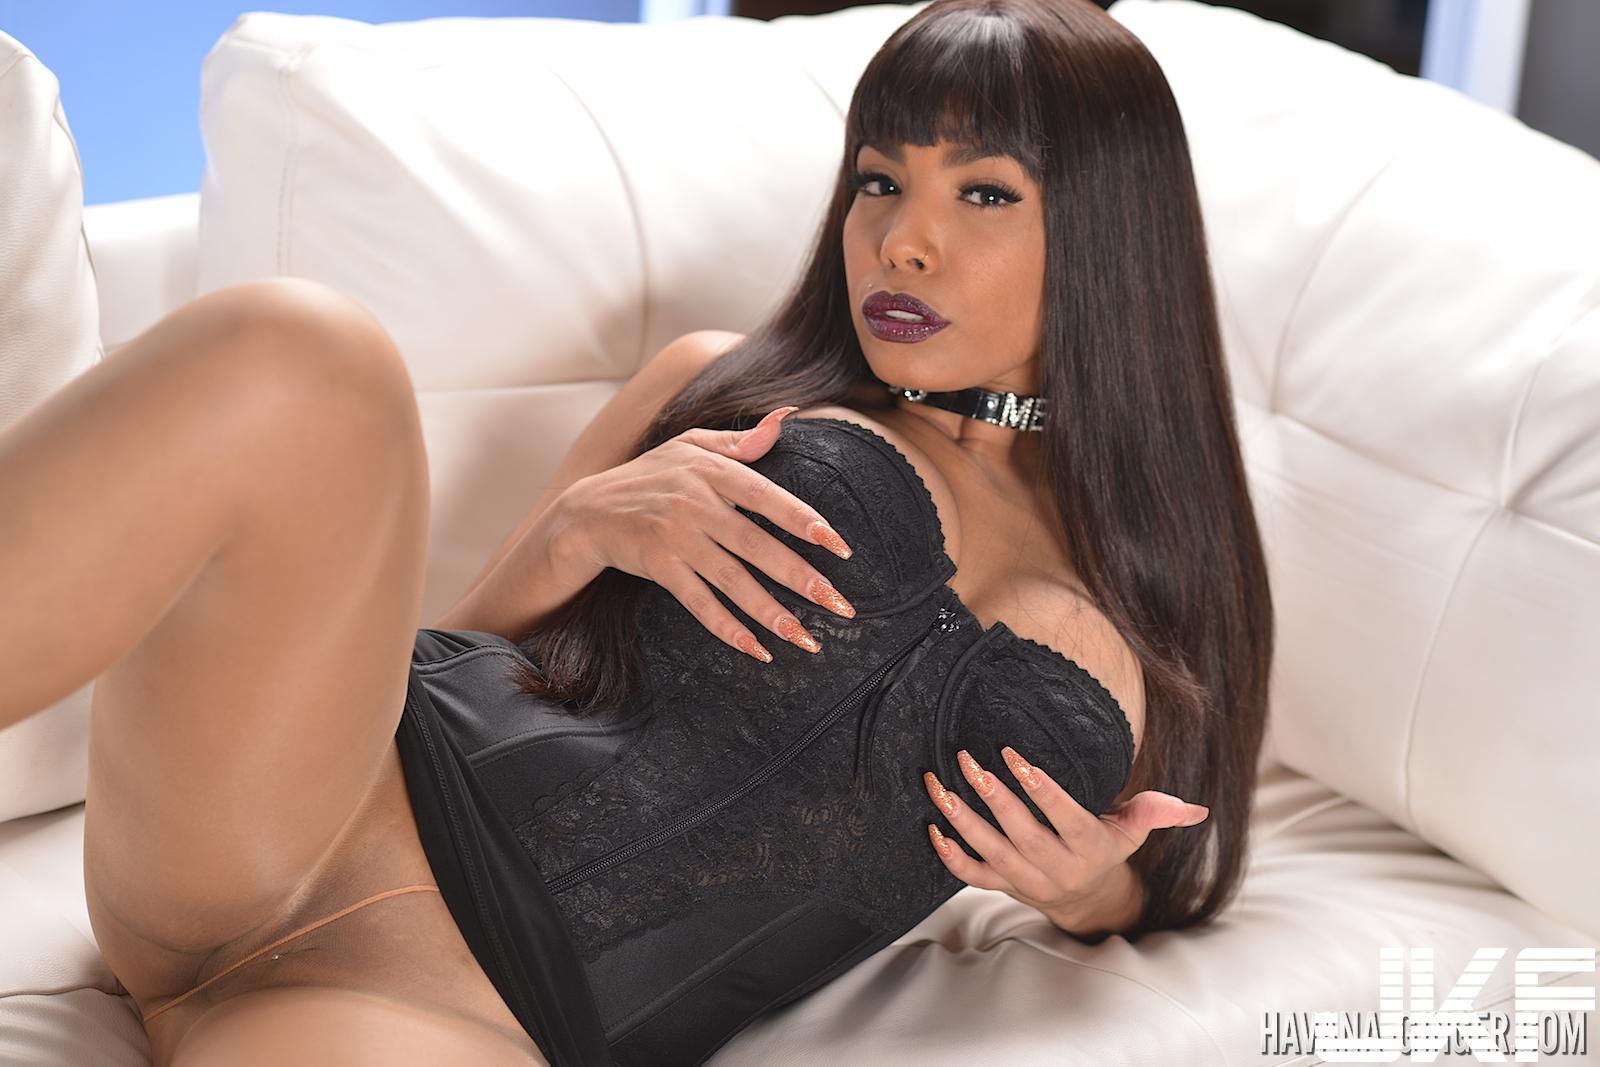 havana-ginger-black-dress-black-stockings-solo-21.jpg